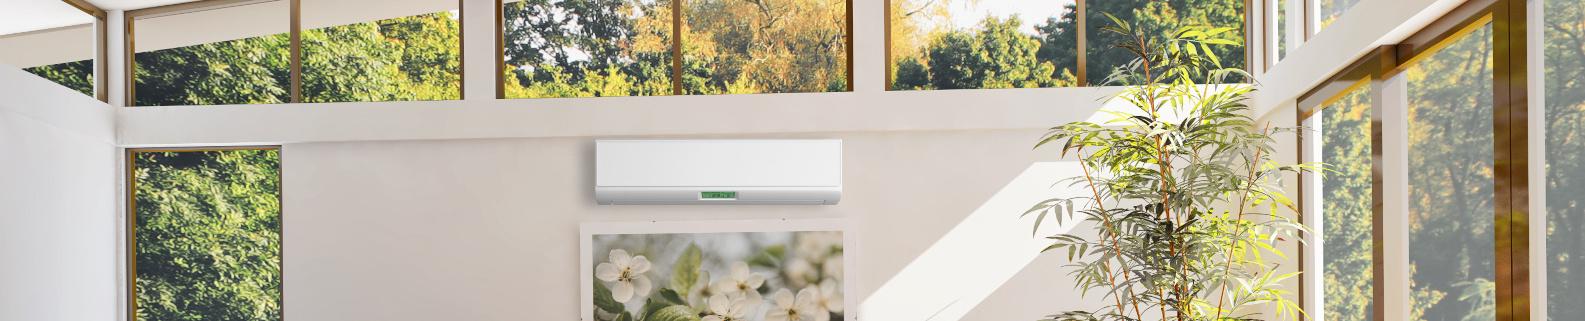 Klimaanlage im Wohnzimmer